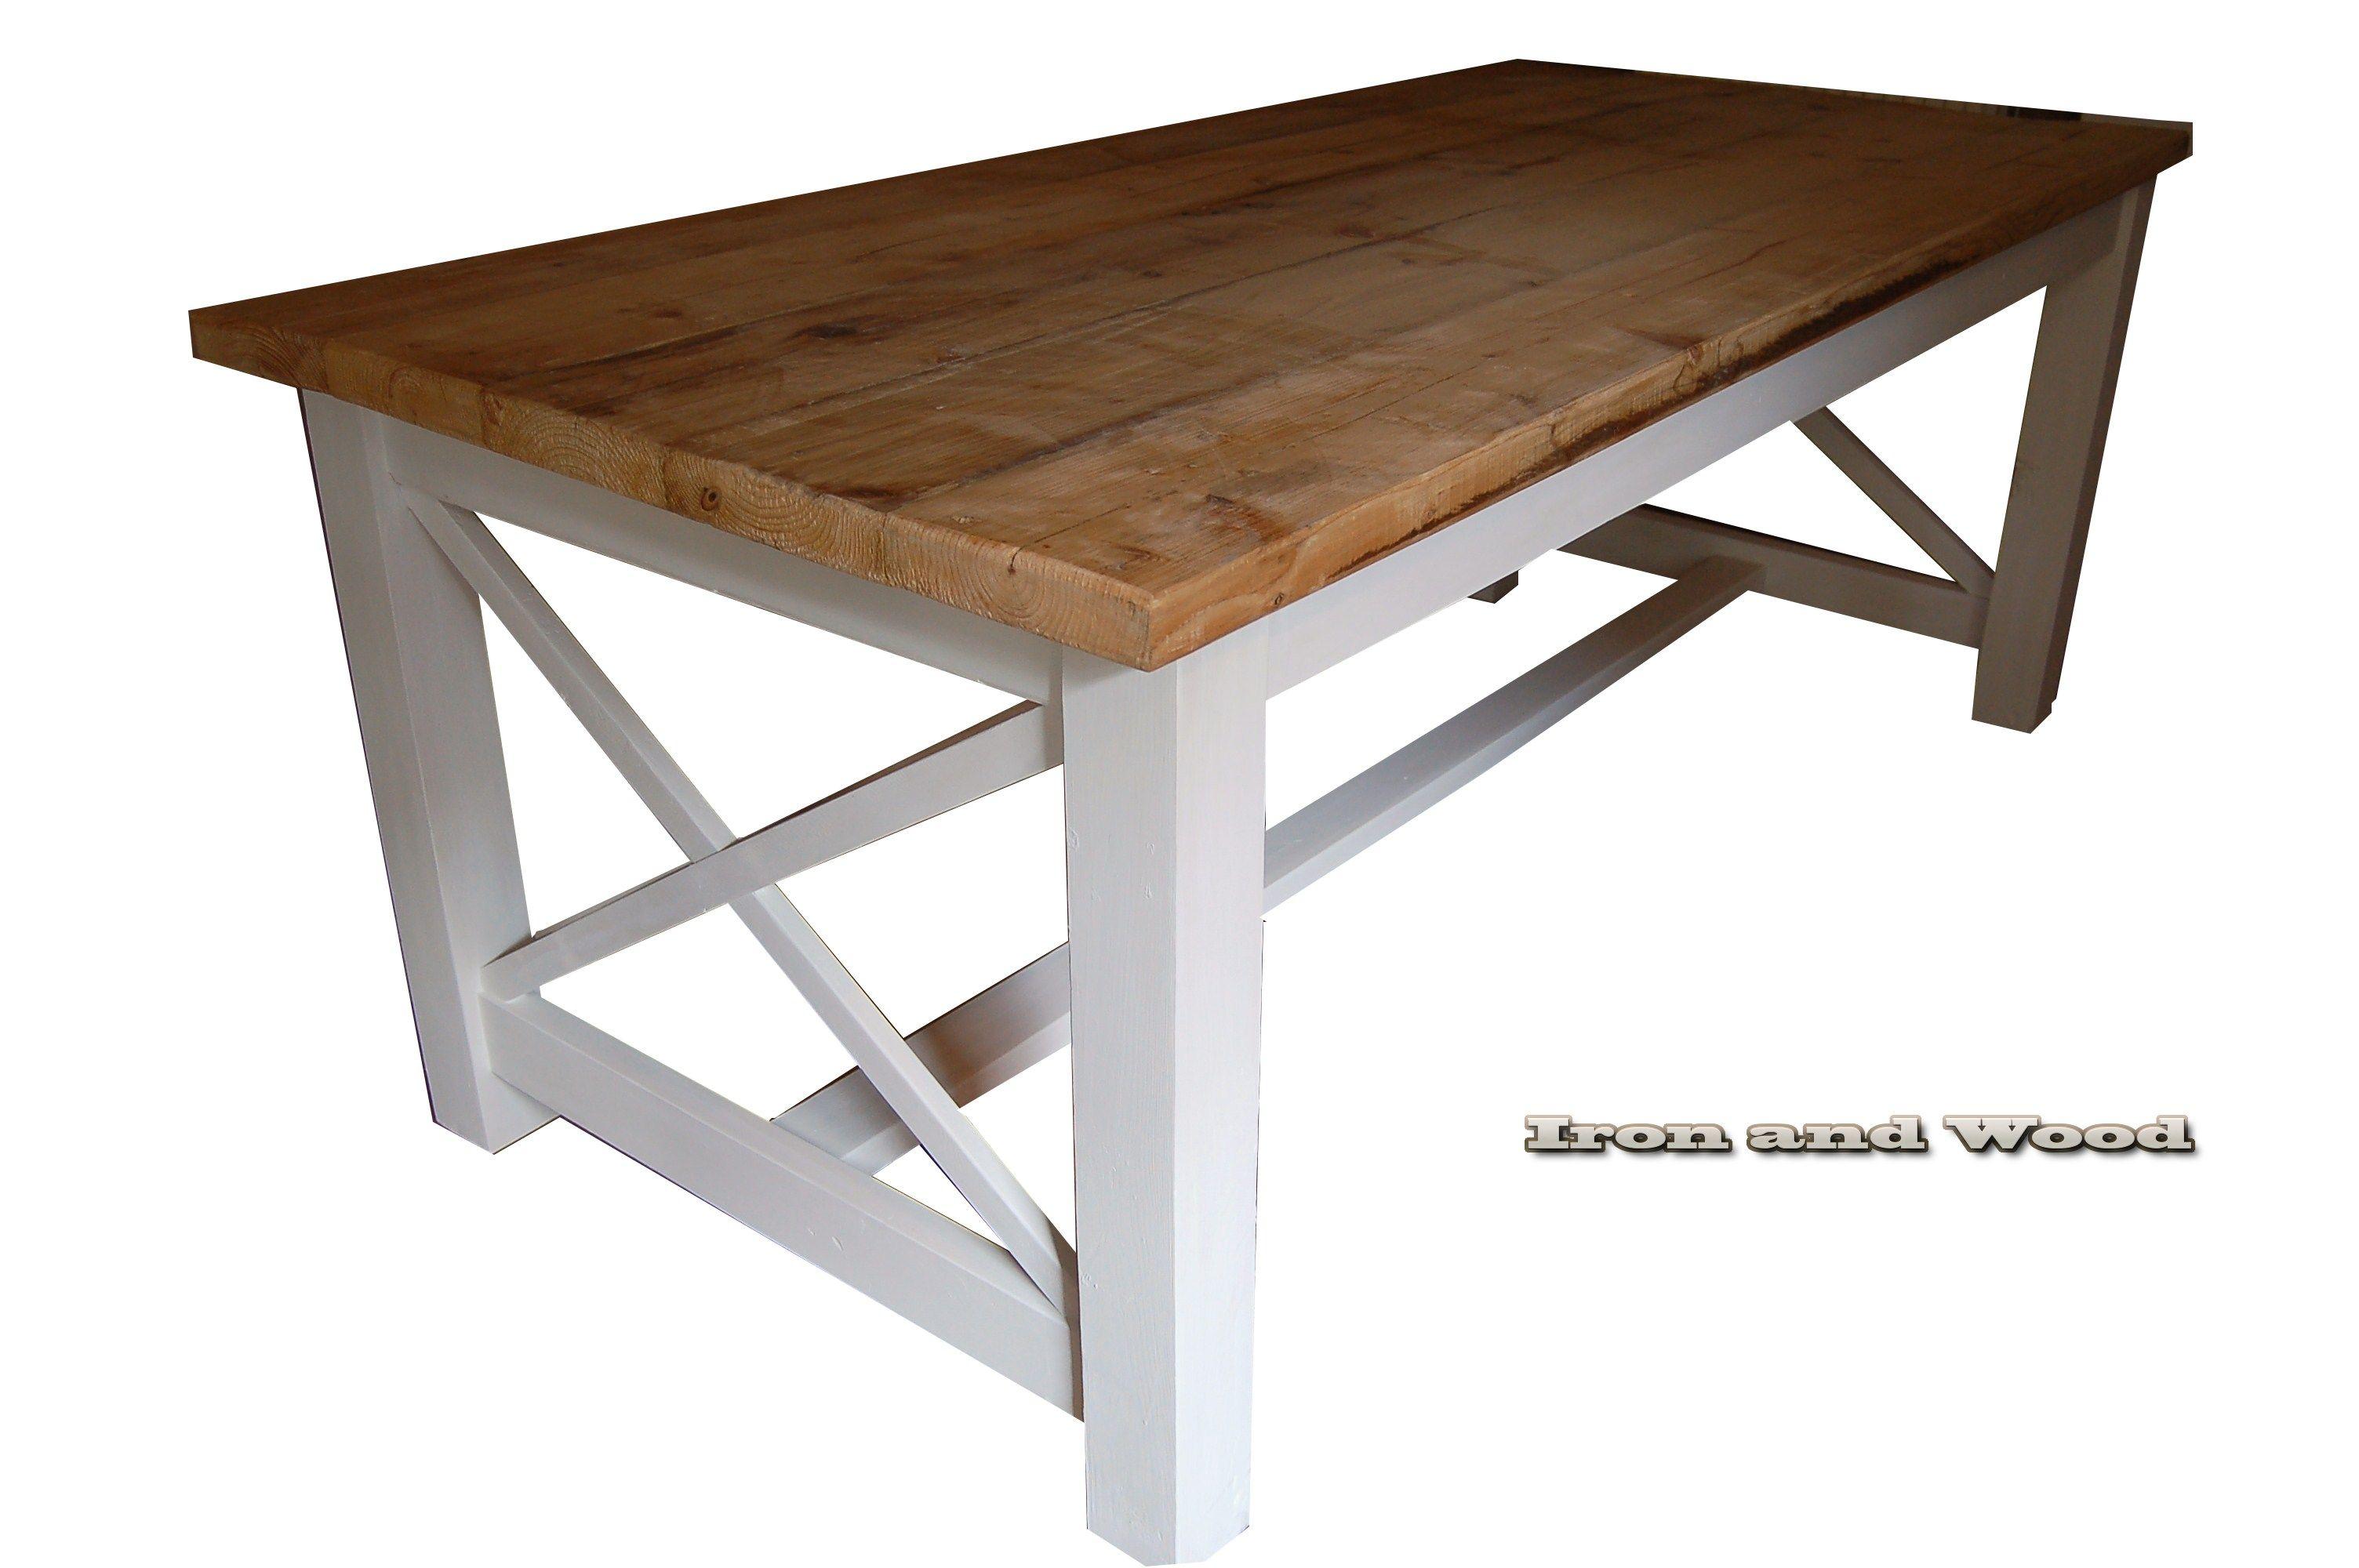 Brocante Vierkante Eettafel.Landelijke Brocante Eettafel Kloostertafel Model